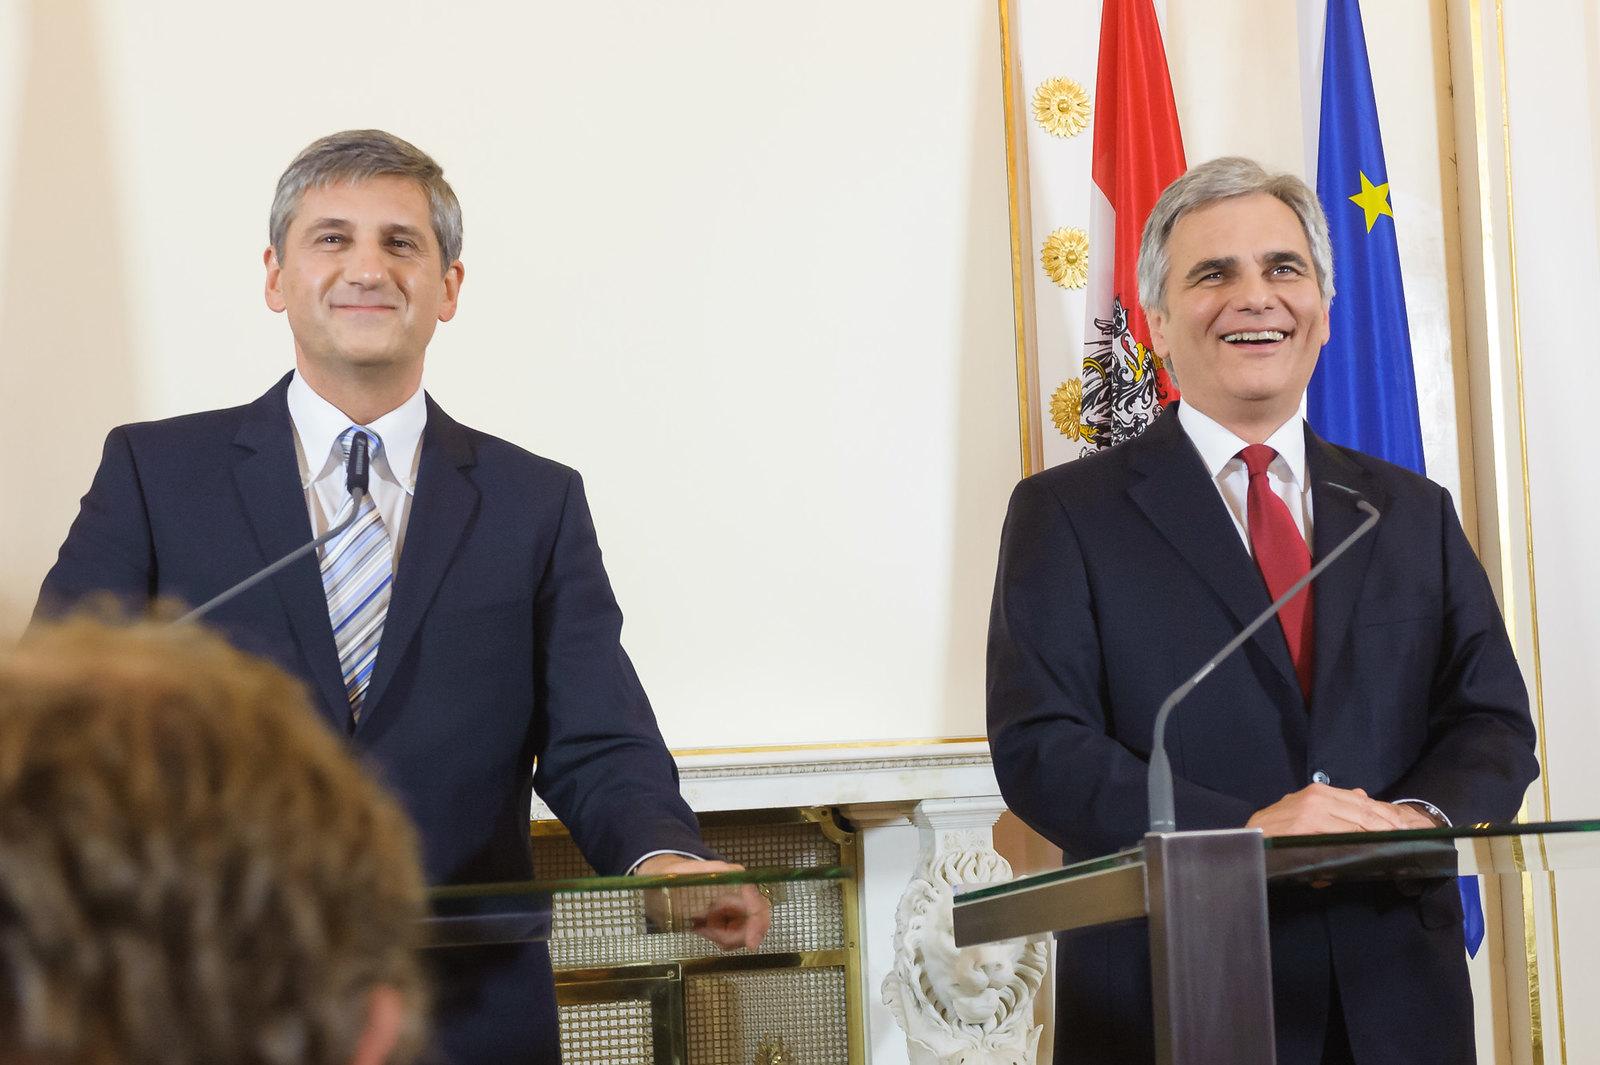 Koalitionseinigung, 12.12.2013